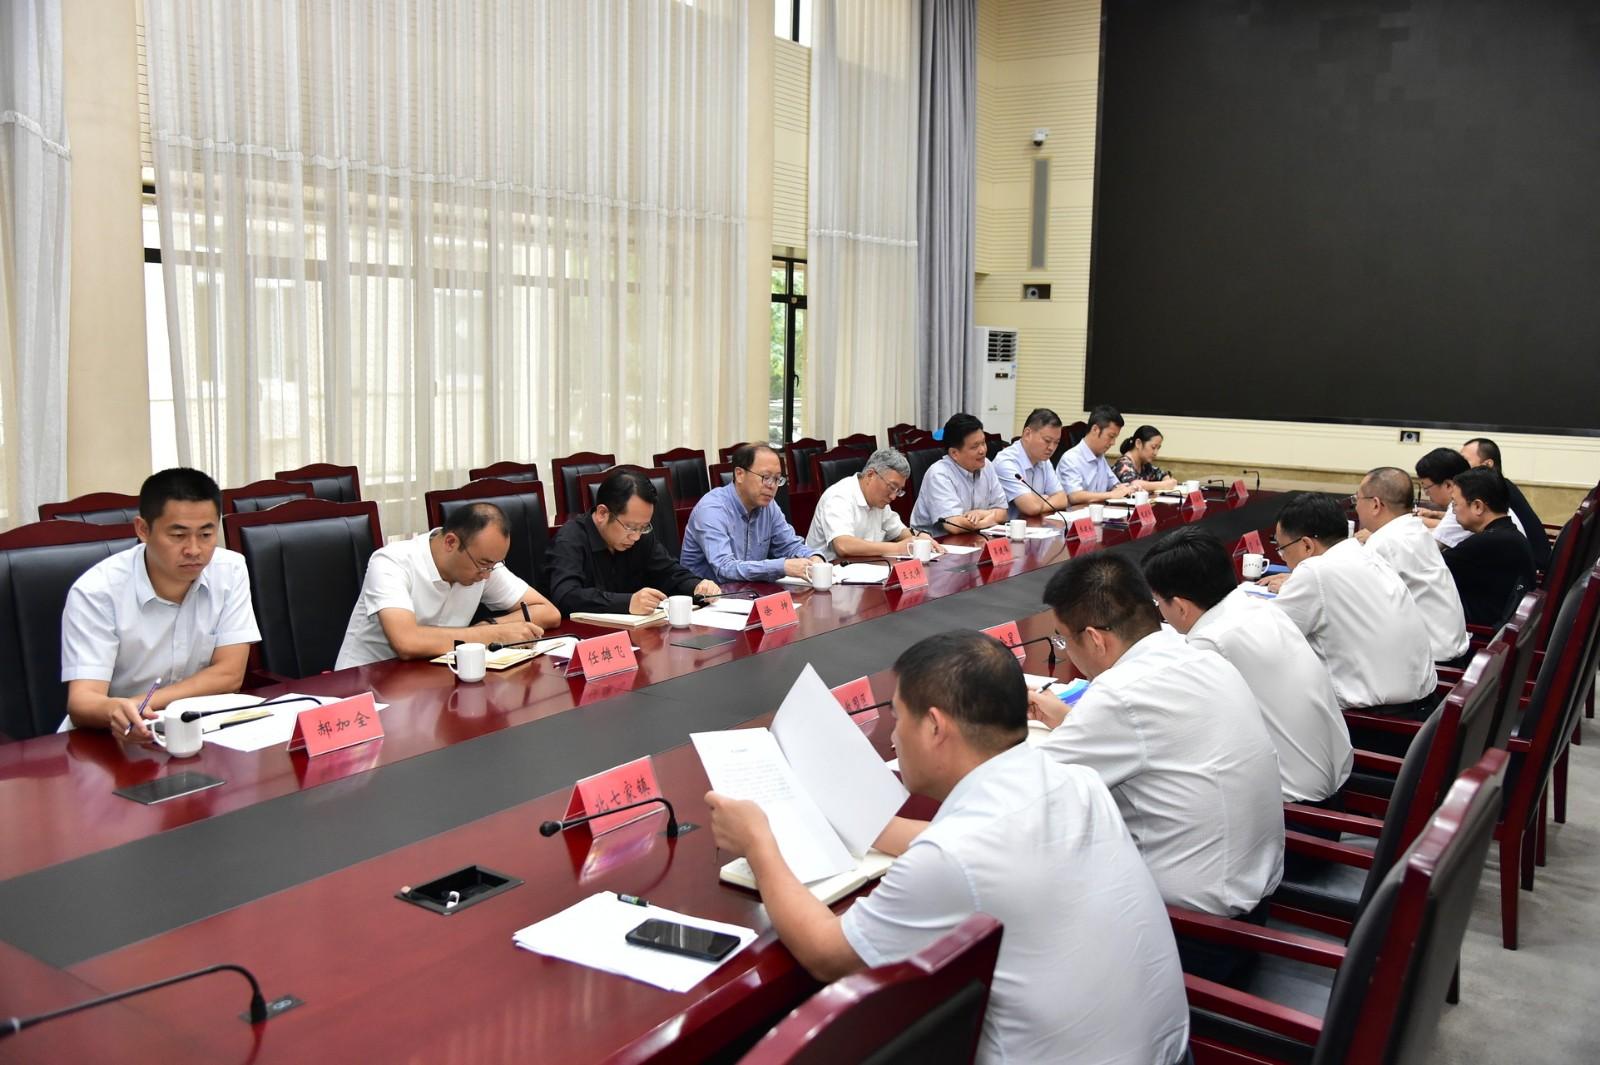 北京邮电大学与昌平区举行合作交流座谈会